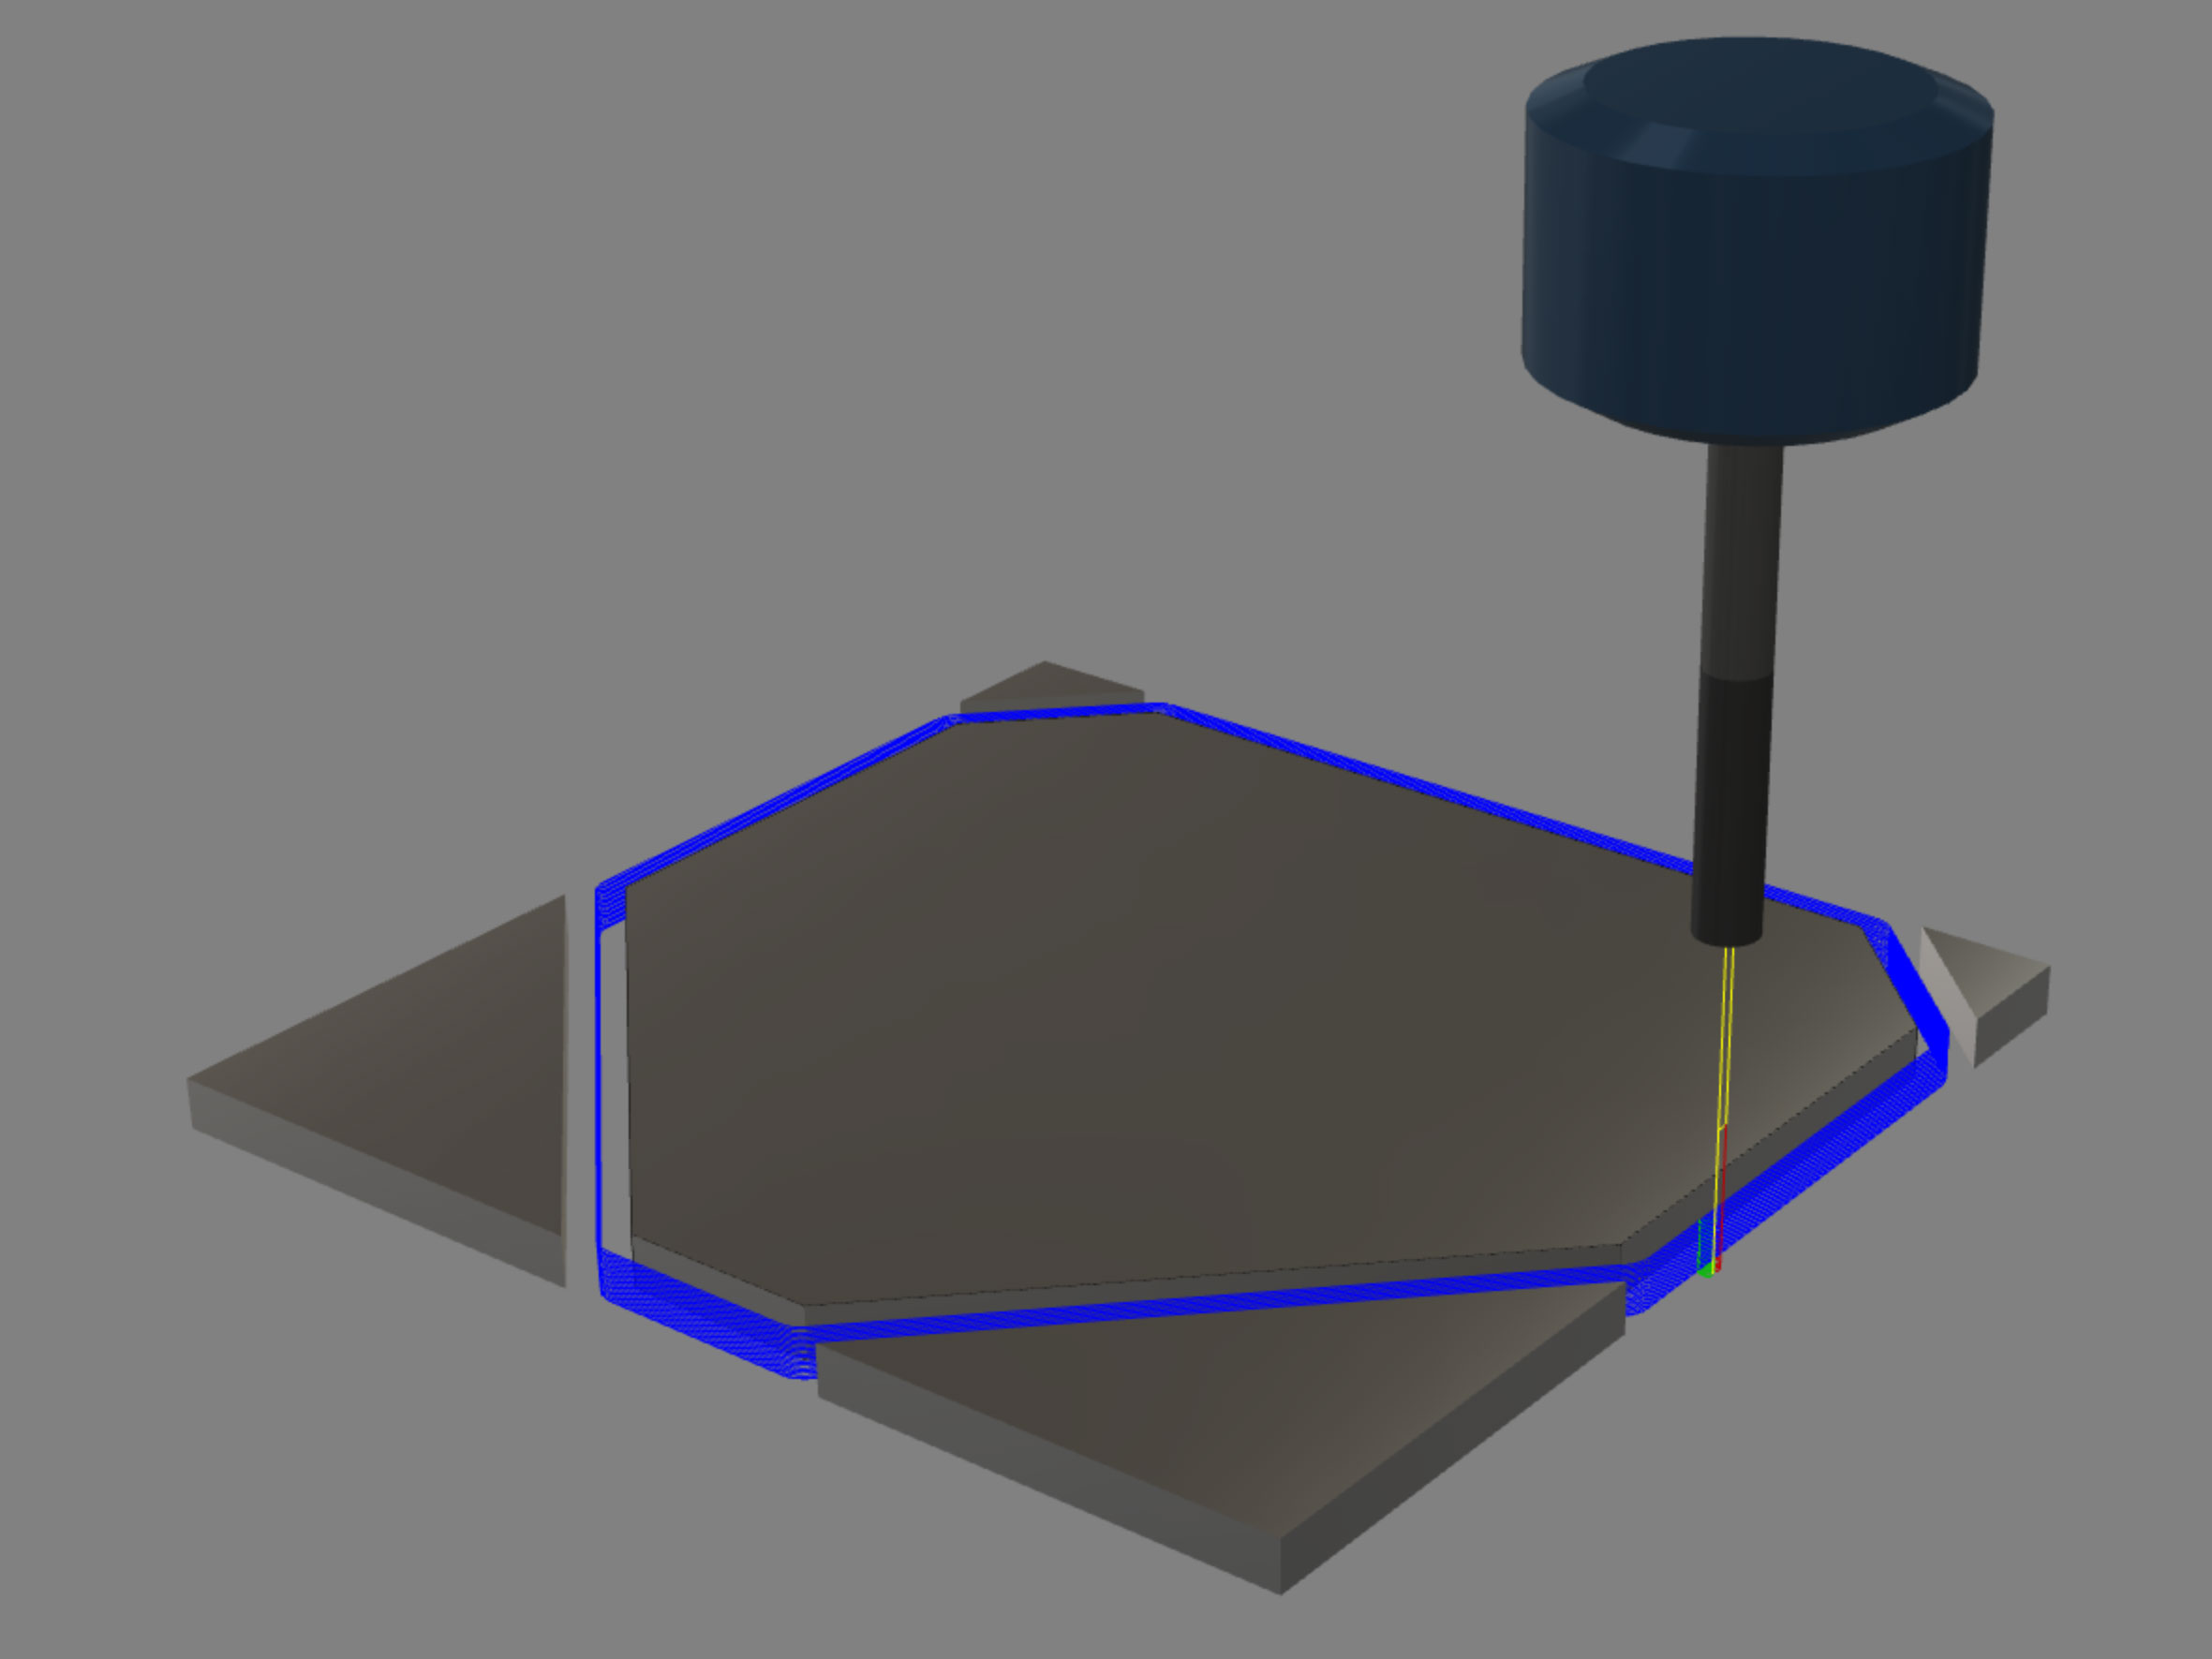 3d_printing_milling-simulate.jpg